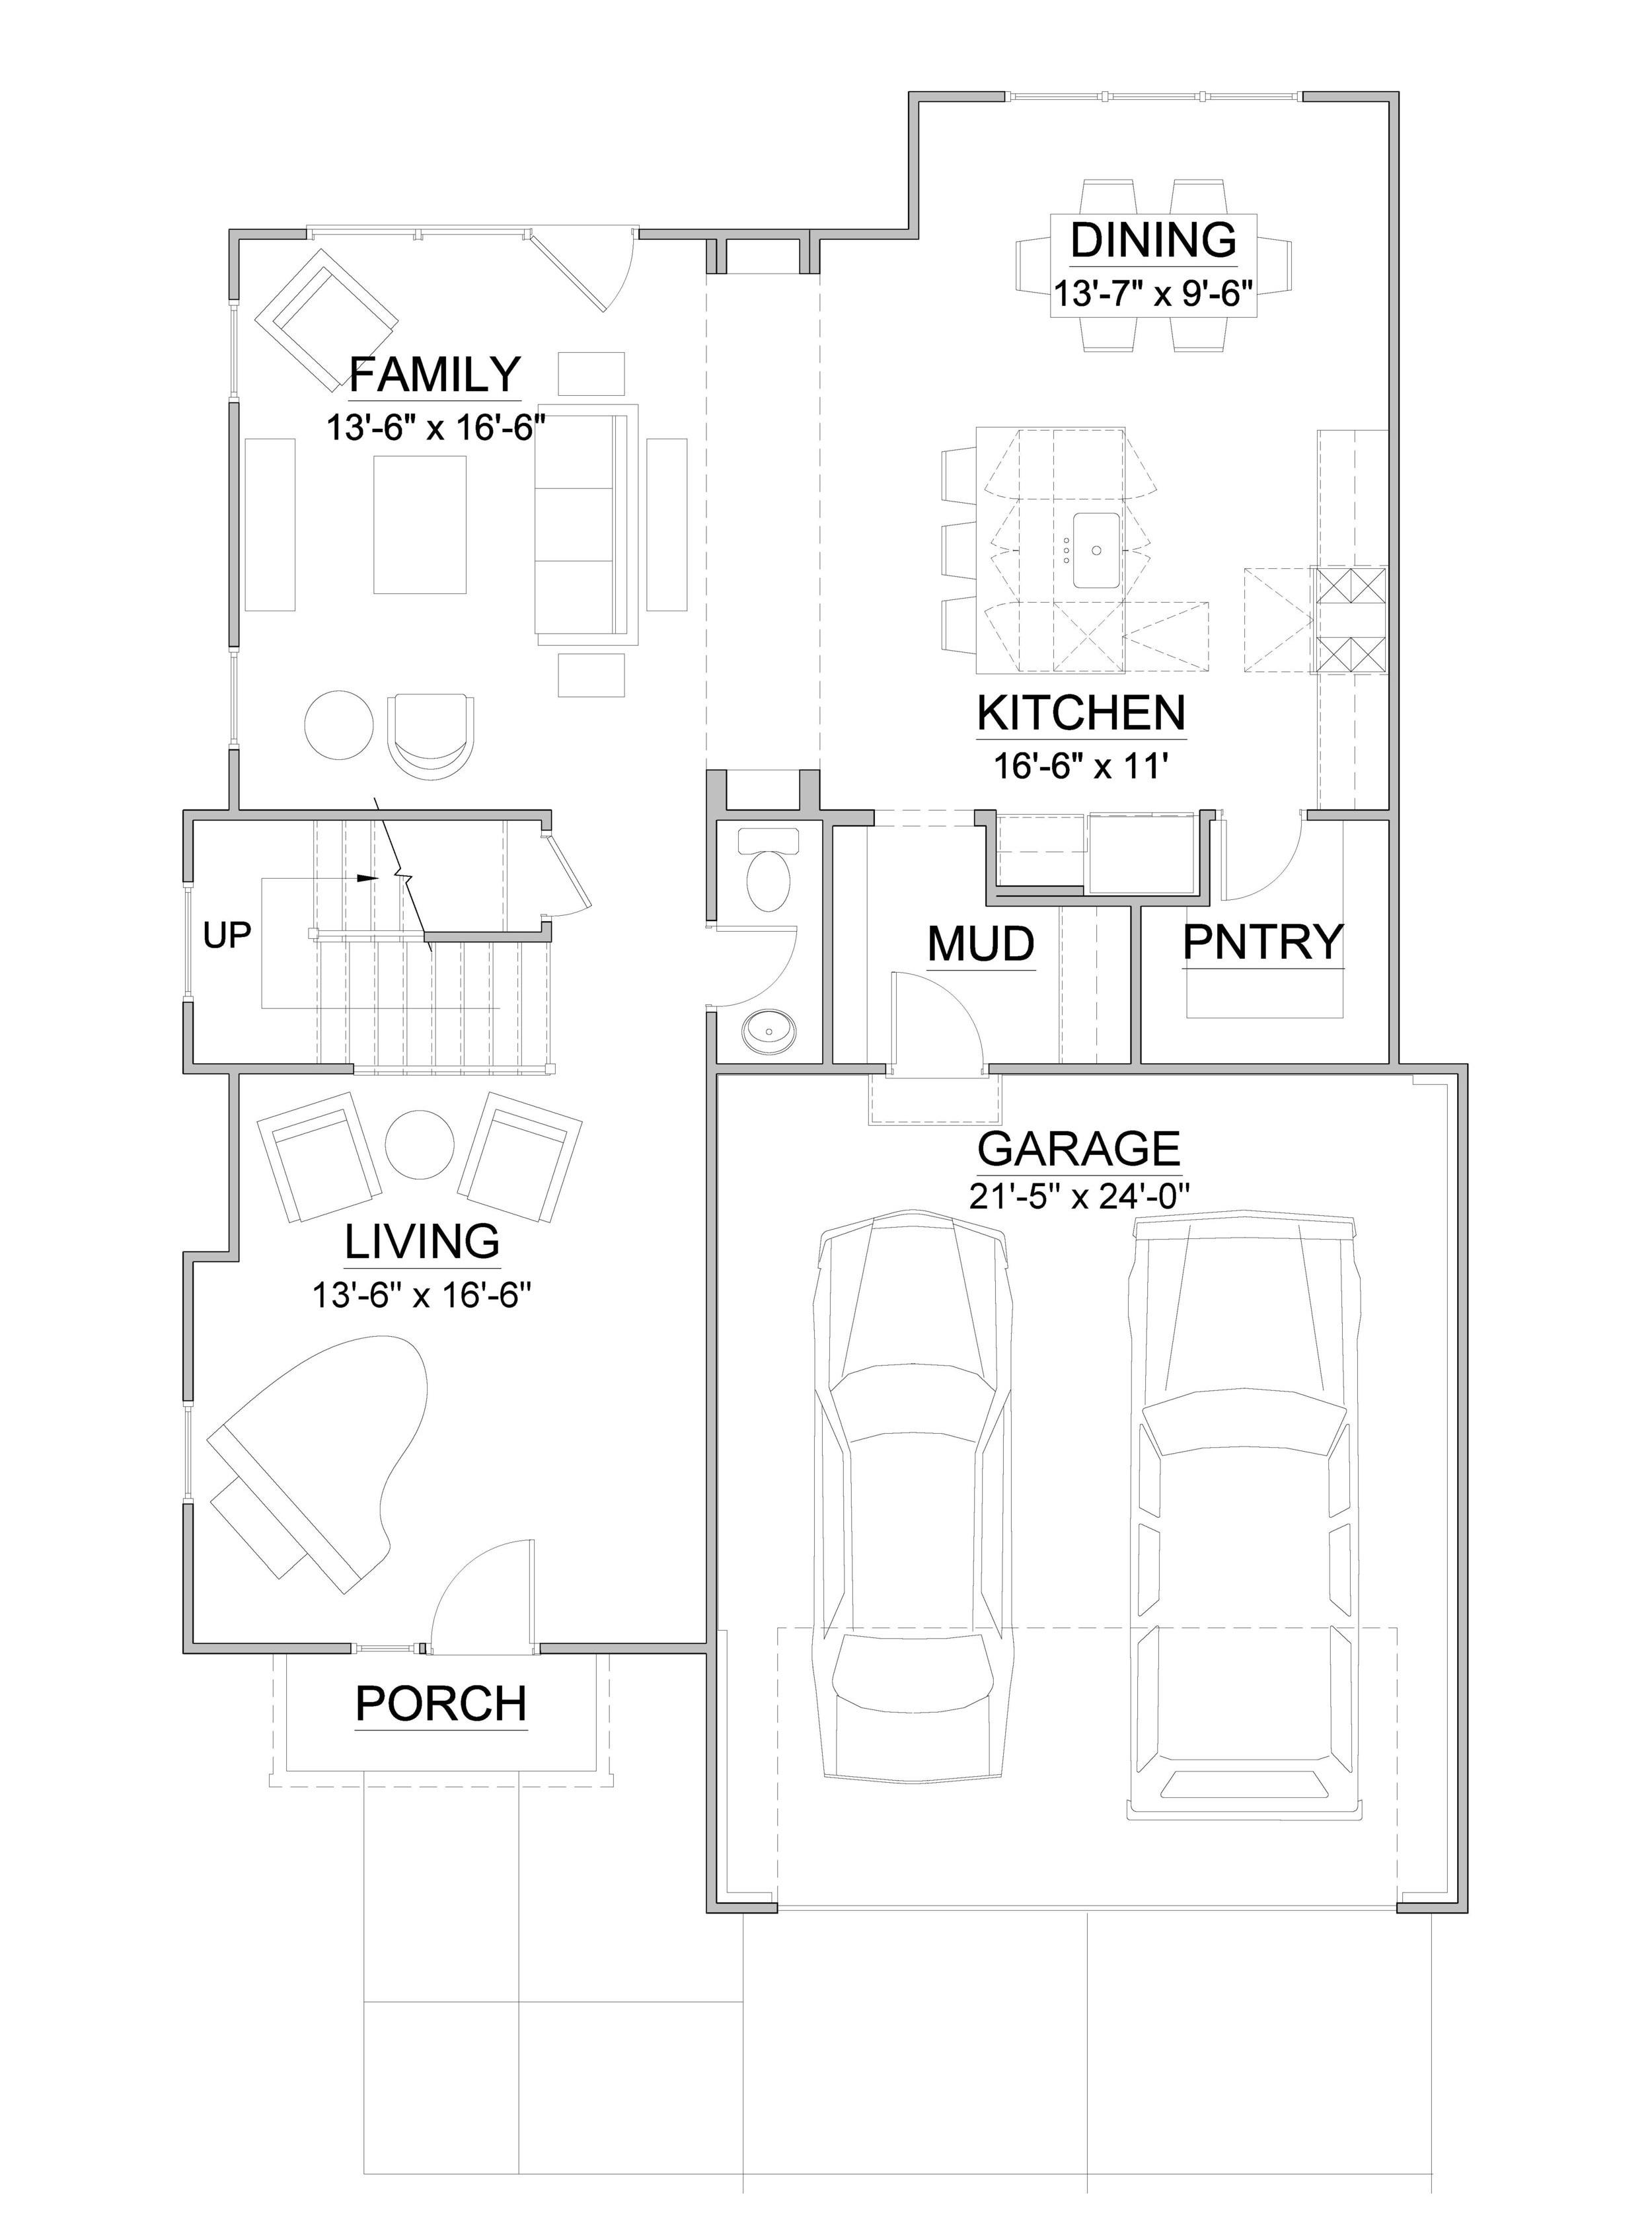 Brook_First Floor_24x36.jpg